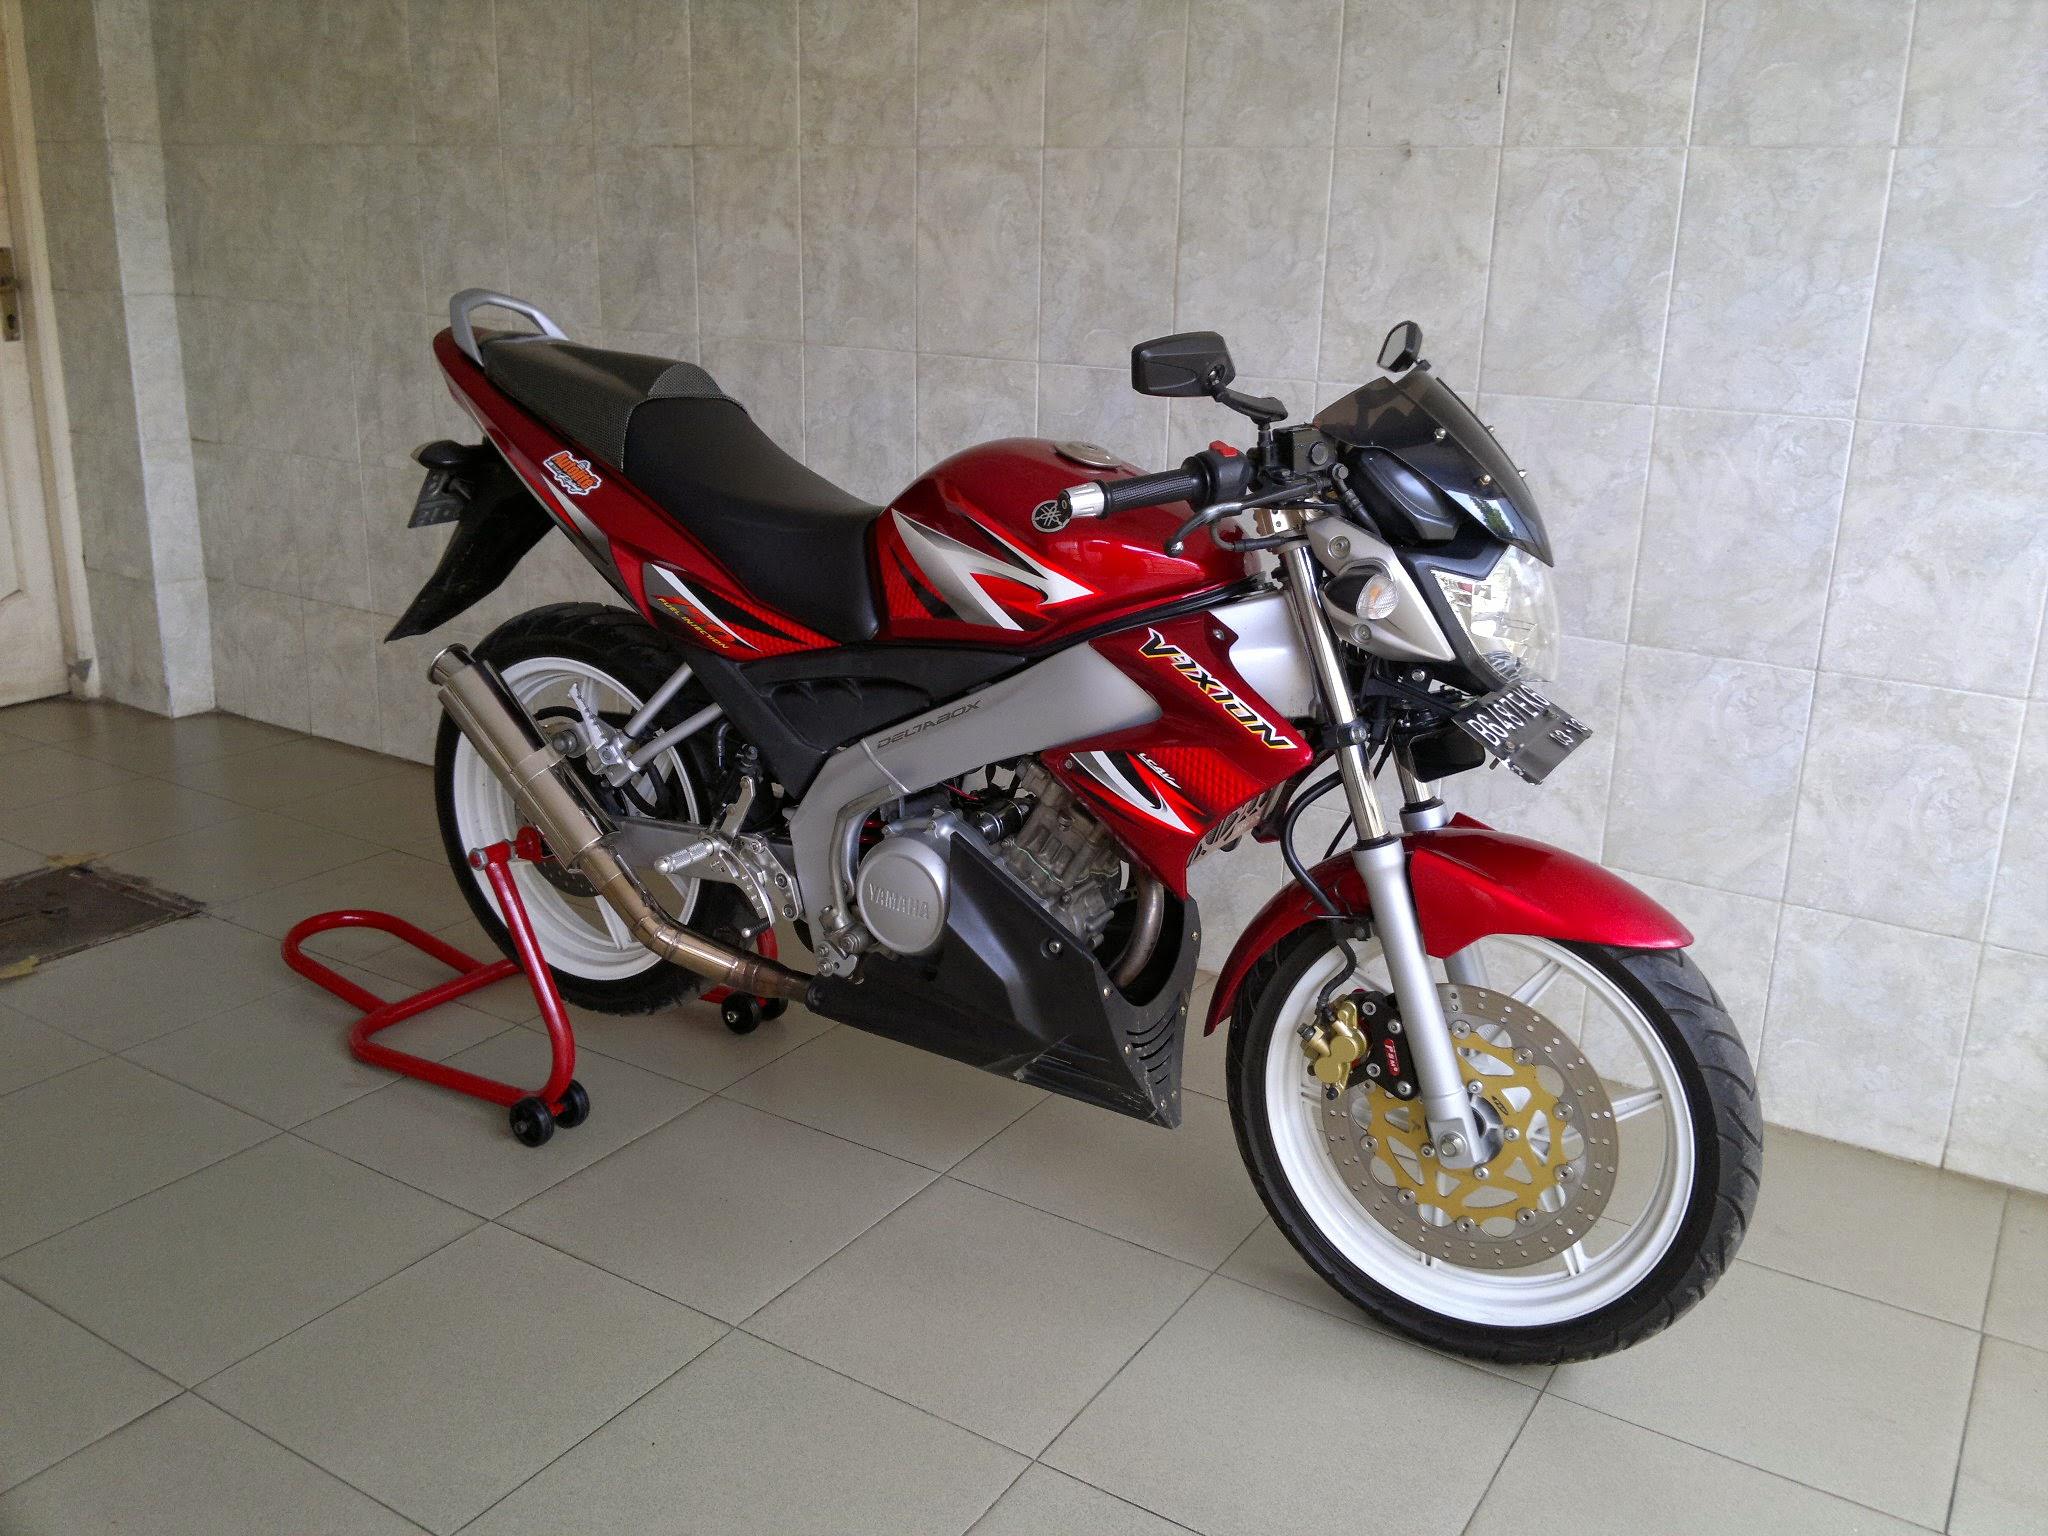 Jual Jok Pisah New Vixion Split Seater Vixion Nvl Nva Kab